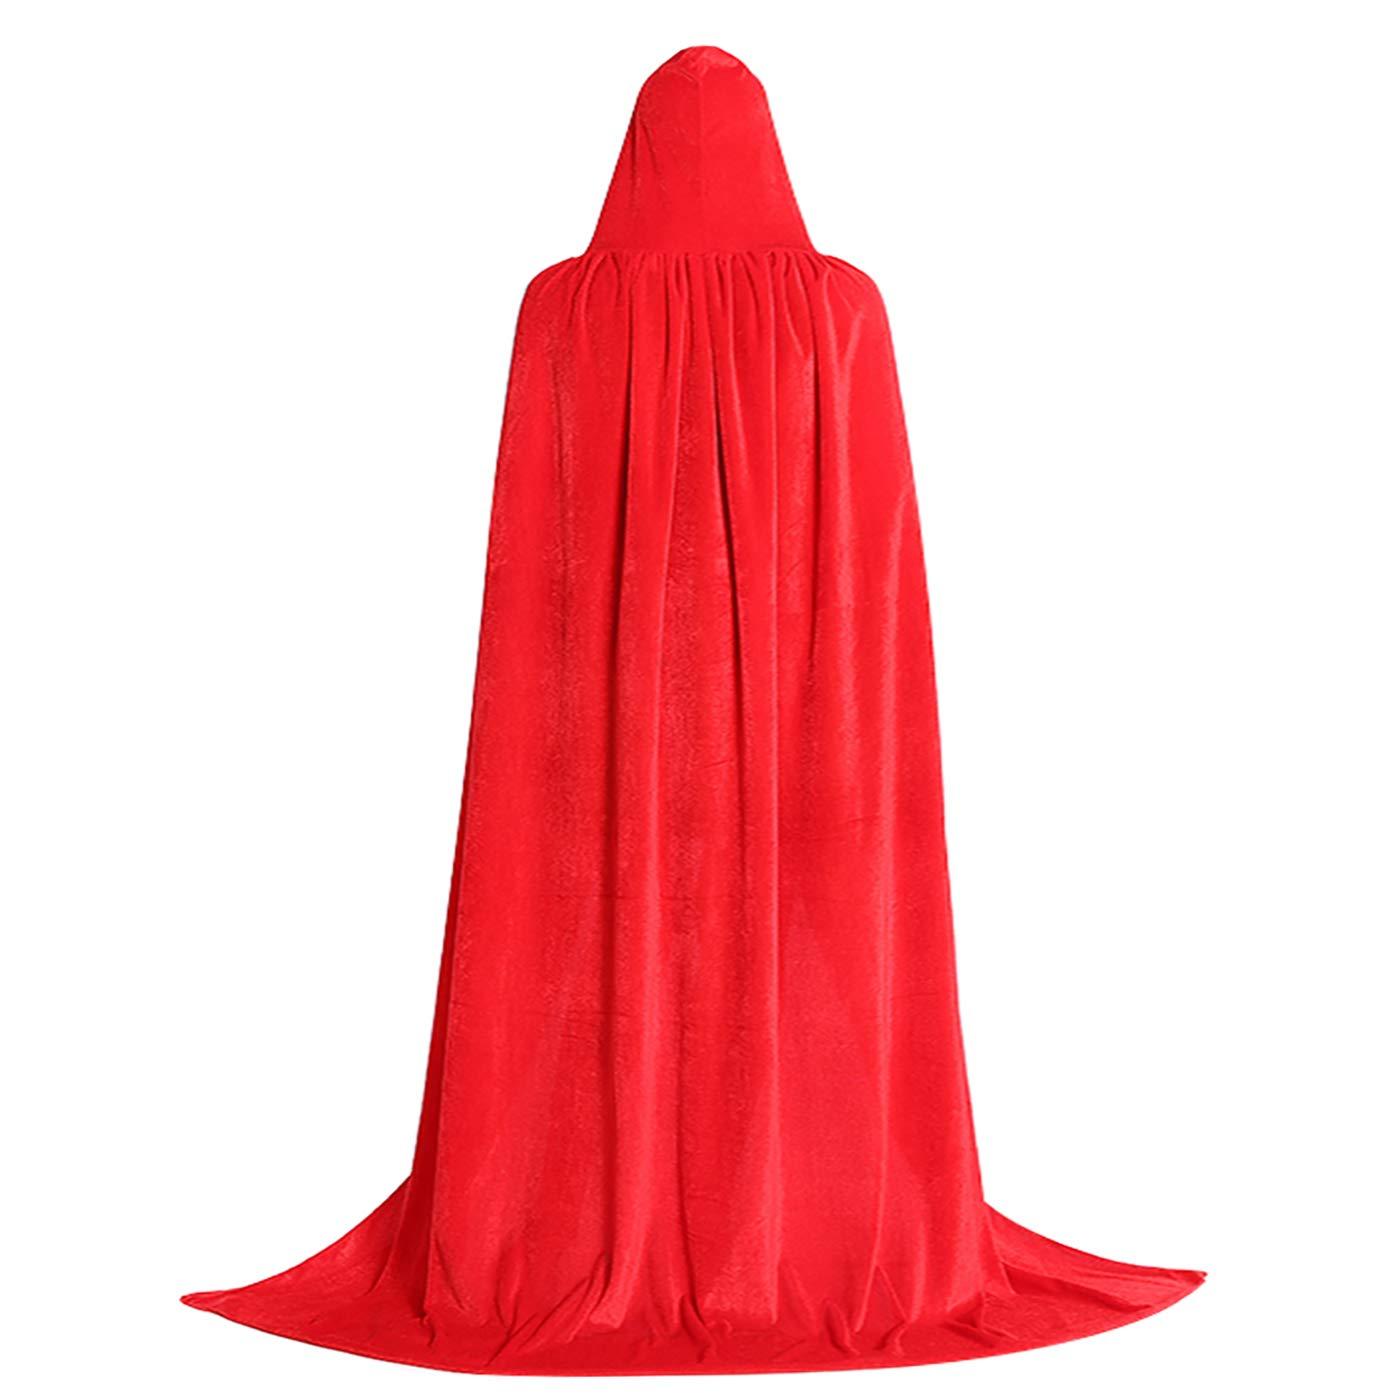 Festar Halloween Witch Costume Velvet Hooded Cloak Full Length Witch Cape for Women, Men 3CL22N